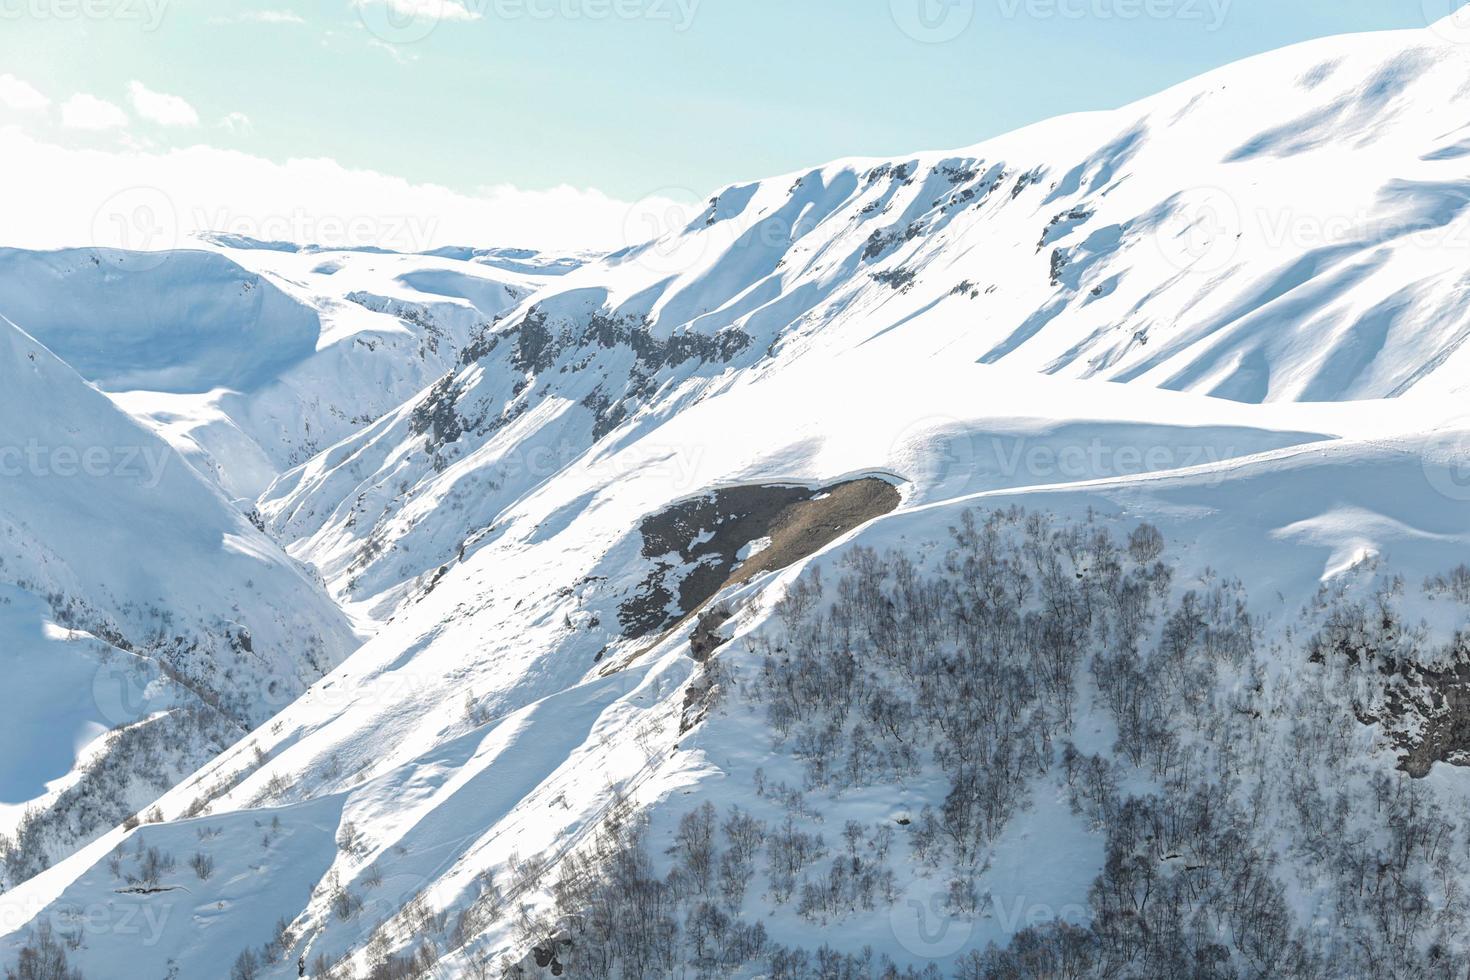 berg med snöskidvägar och träd foto